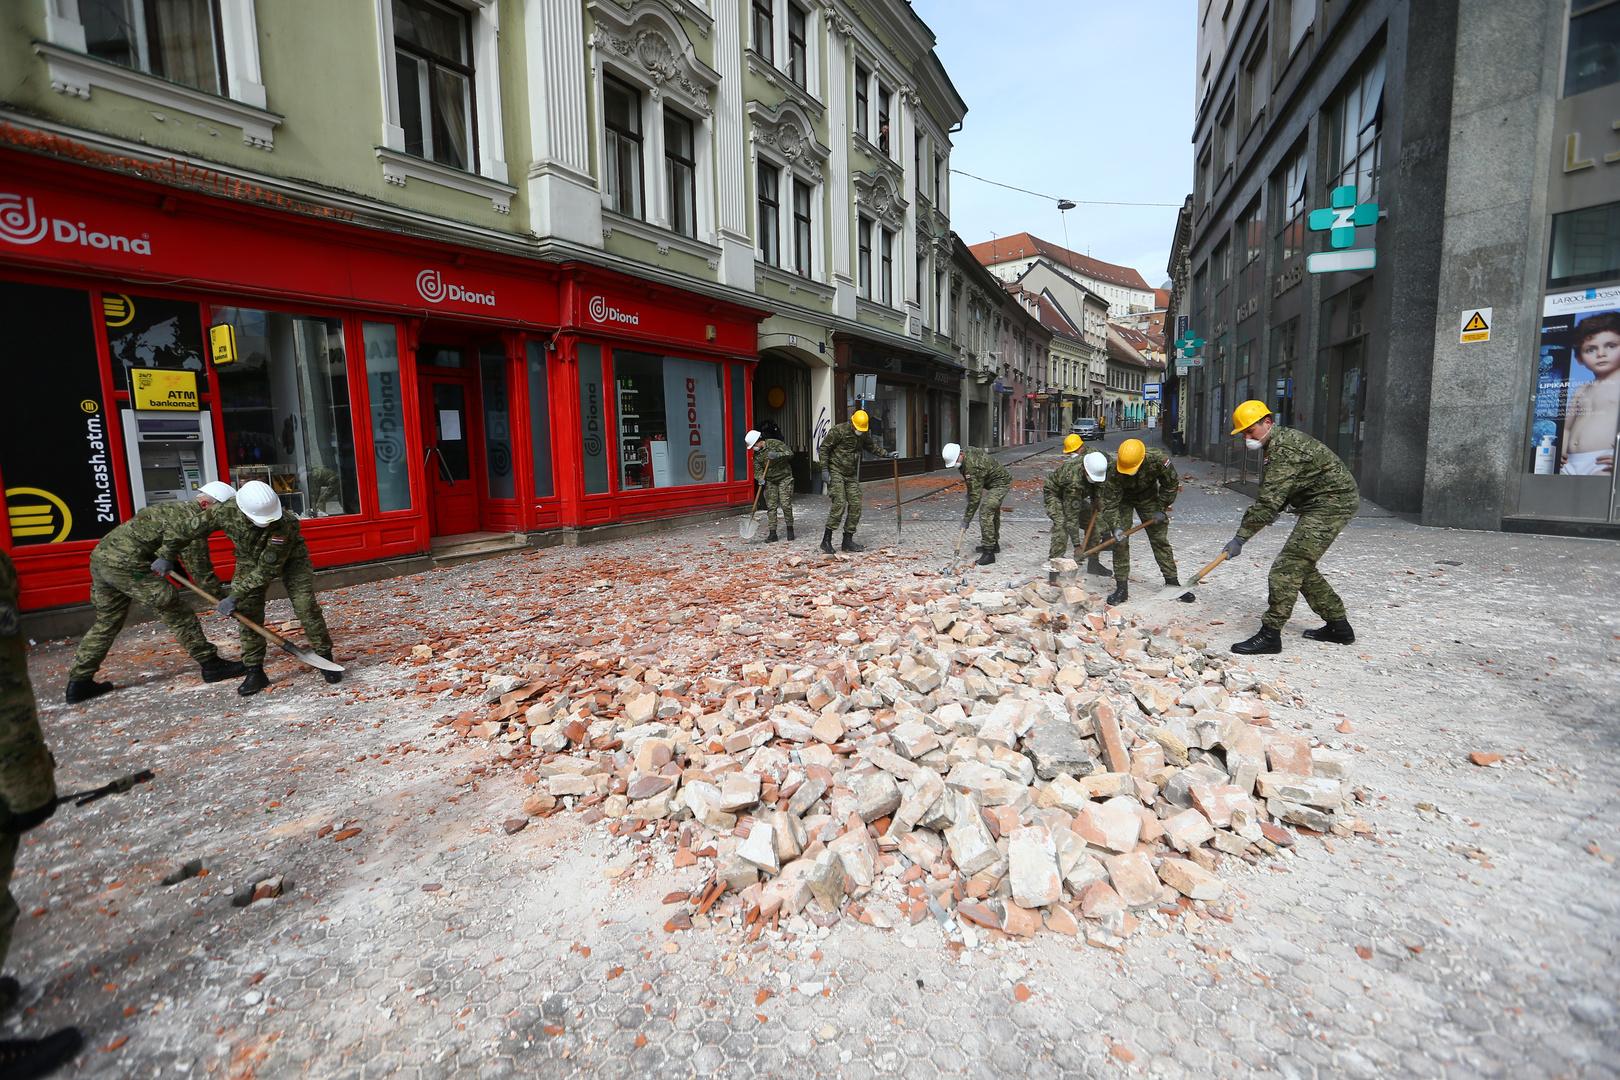 بالتزامن مع أزمة كورونا.. أقوى زلزال منذ أكثر من قرن يهز عاصمة كرواتيا